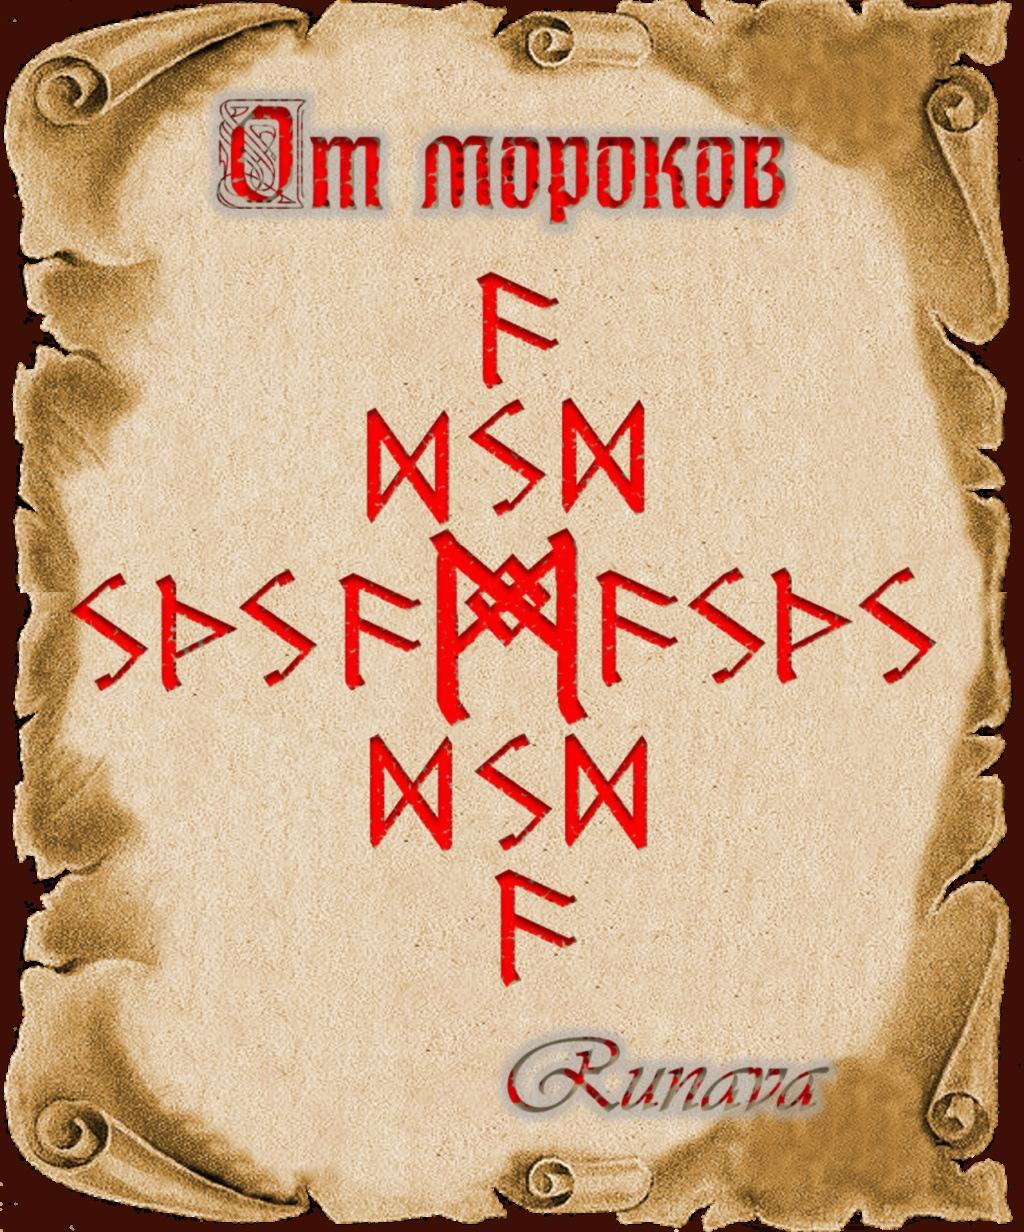 Став от мороков. автор Runava 122